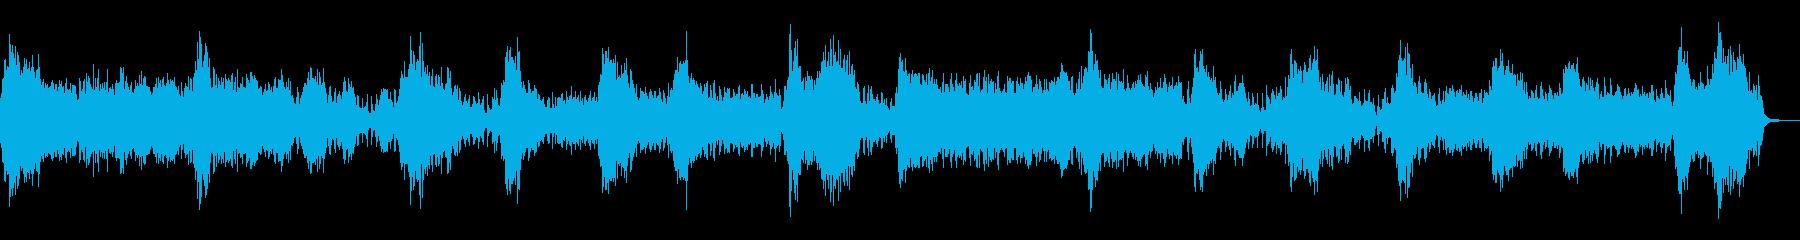 デビルナイト 闇の恐怖感を演出するBGMの再生済みの波形